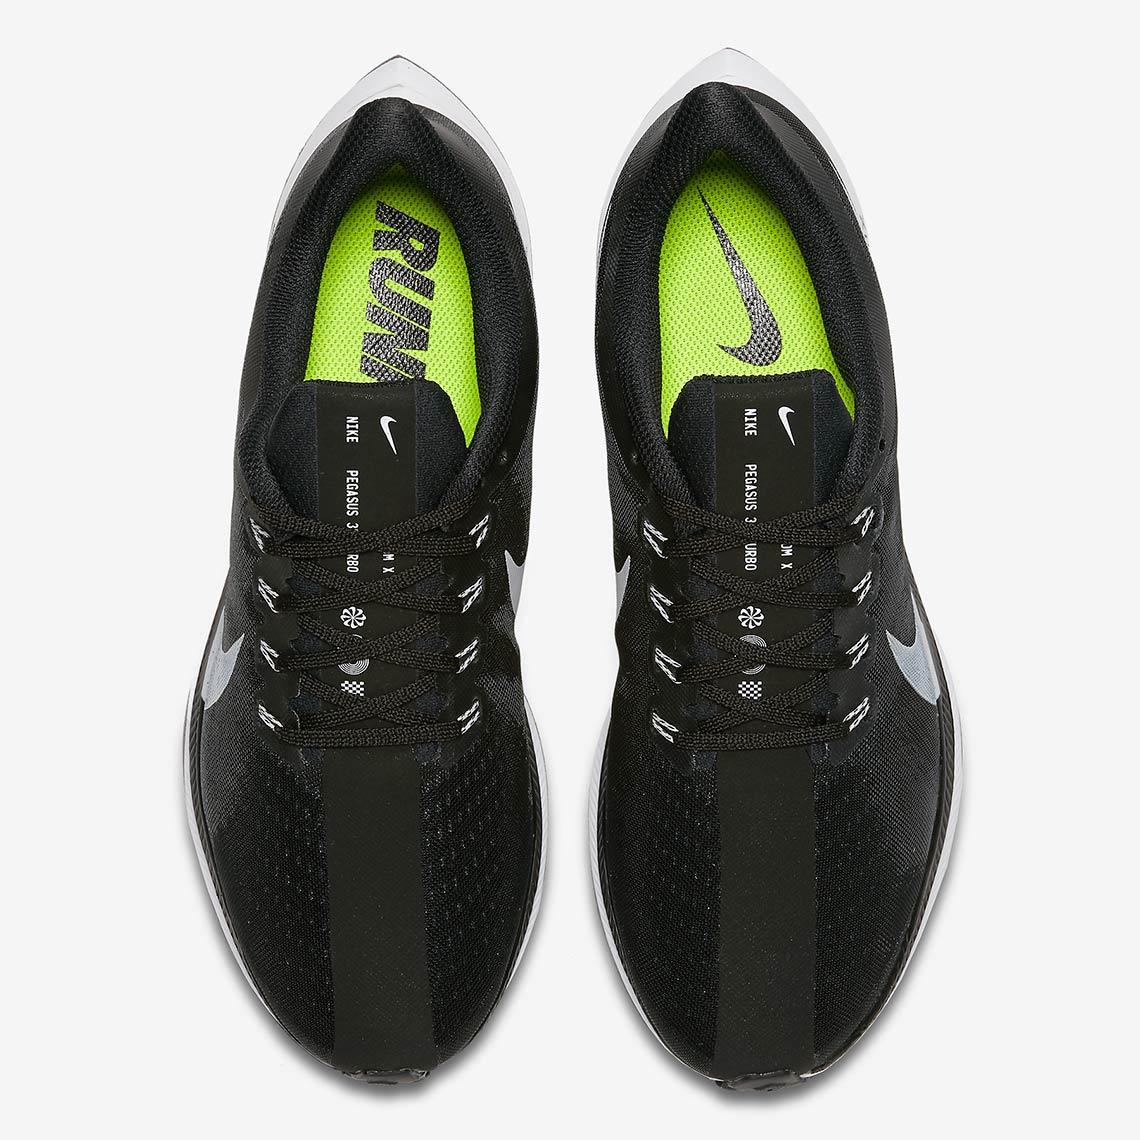 4ae868fd0b98 Nike Zoom Pegasus 35 Turbo Black Vast Grey - 1